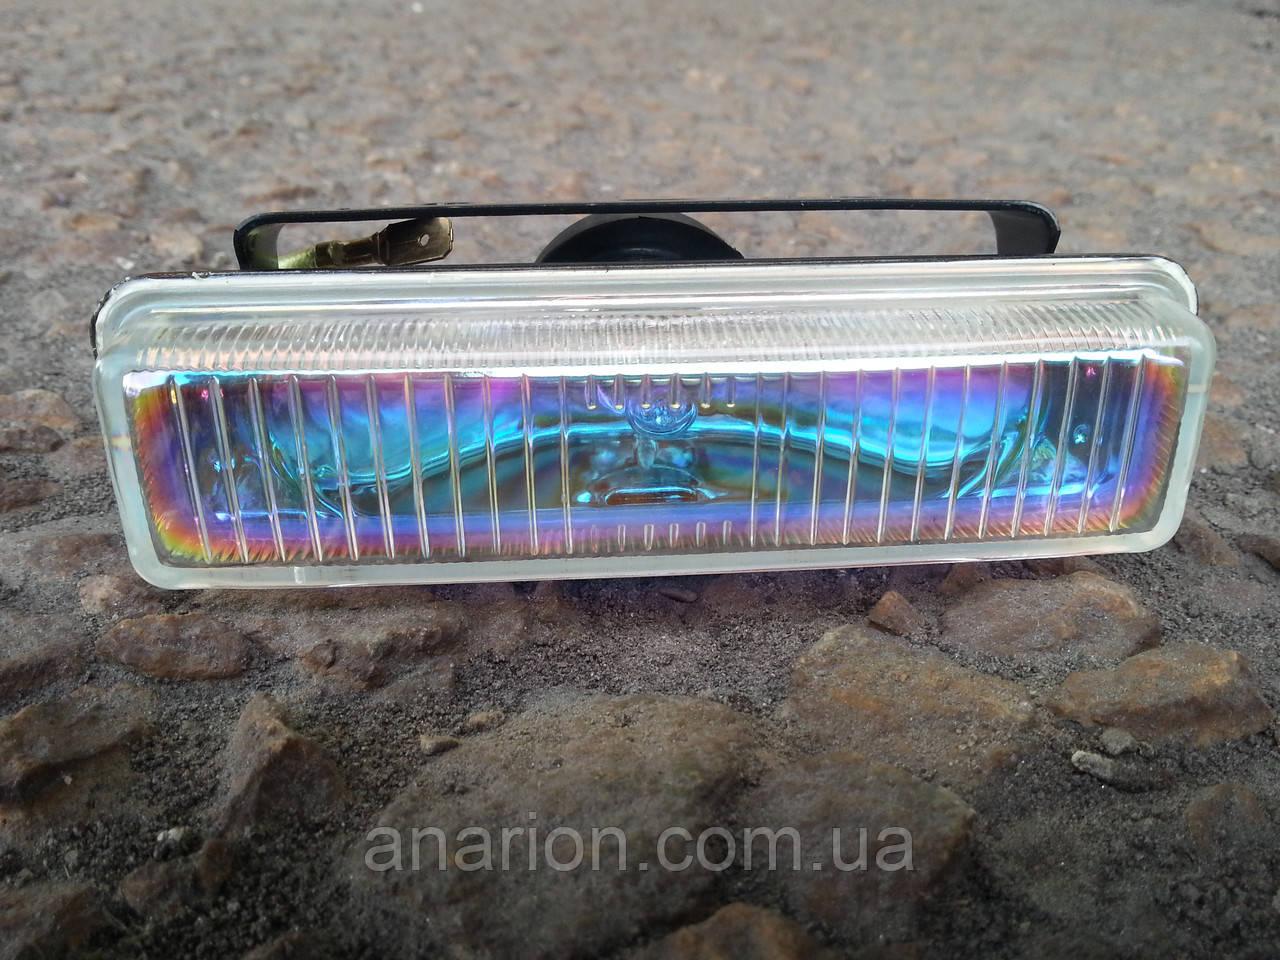 Противотуманные фары на ВАЗ № 0204 (лазер)